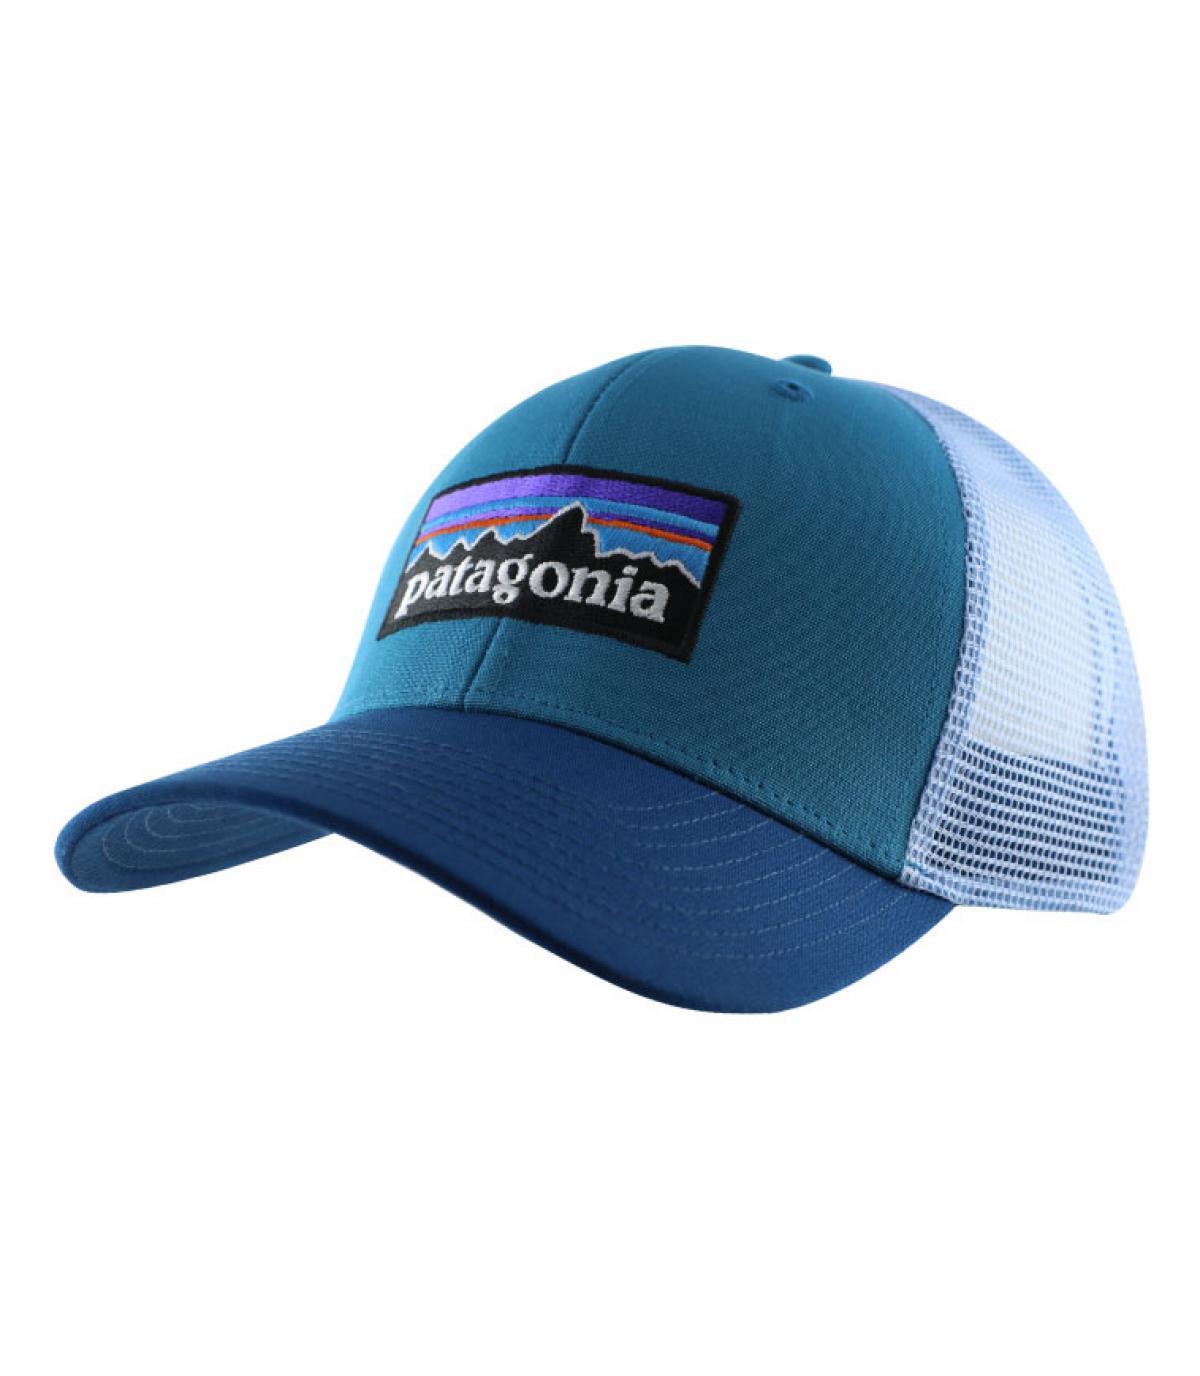 Details P6 Logo Trucker filter blue - afbeeling 2